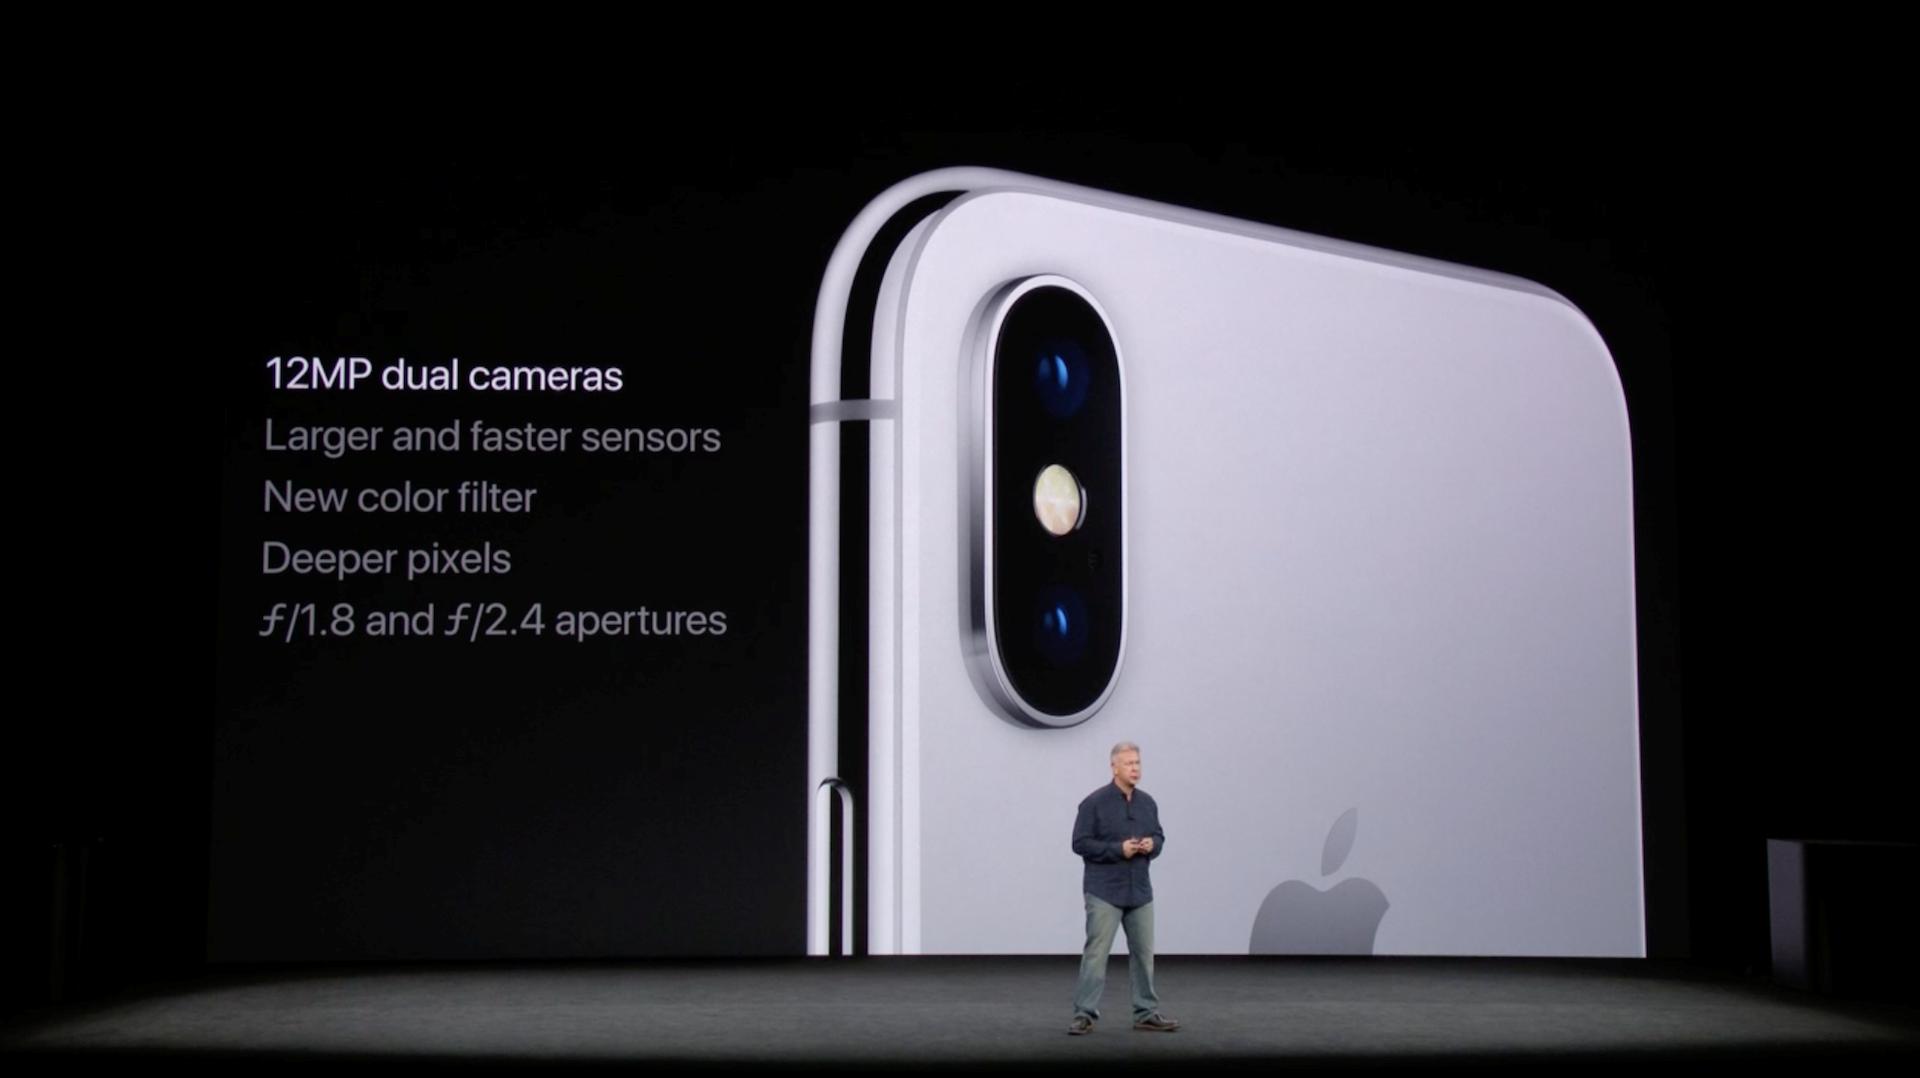 Hình ảnh iPhone X chính thức ra mắt: viền siêu mỏng, nhận diện mặt 3D số 7